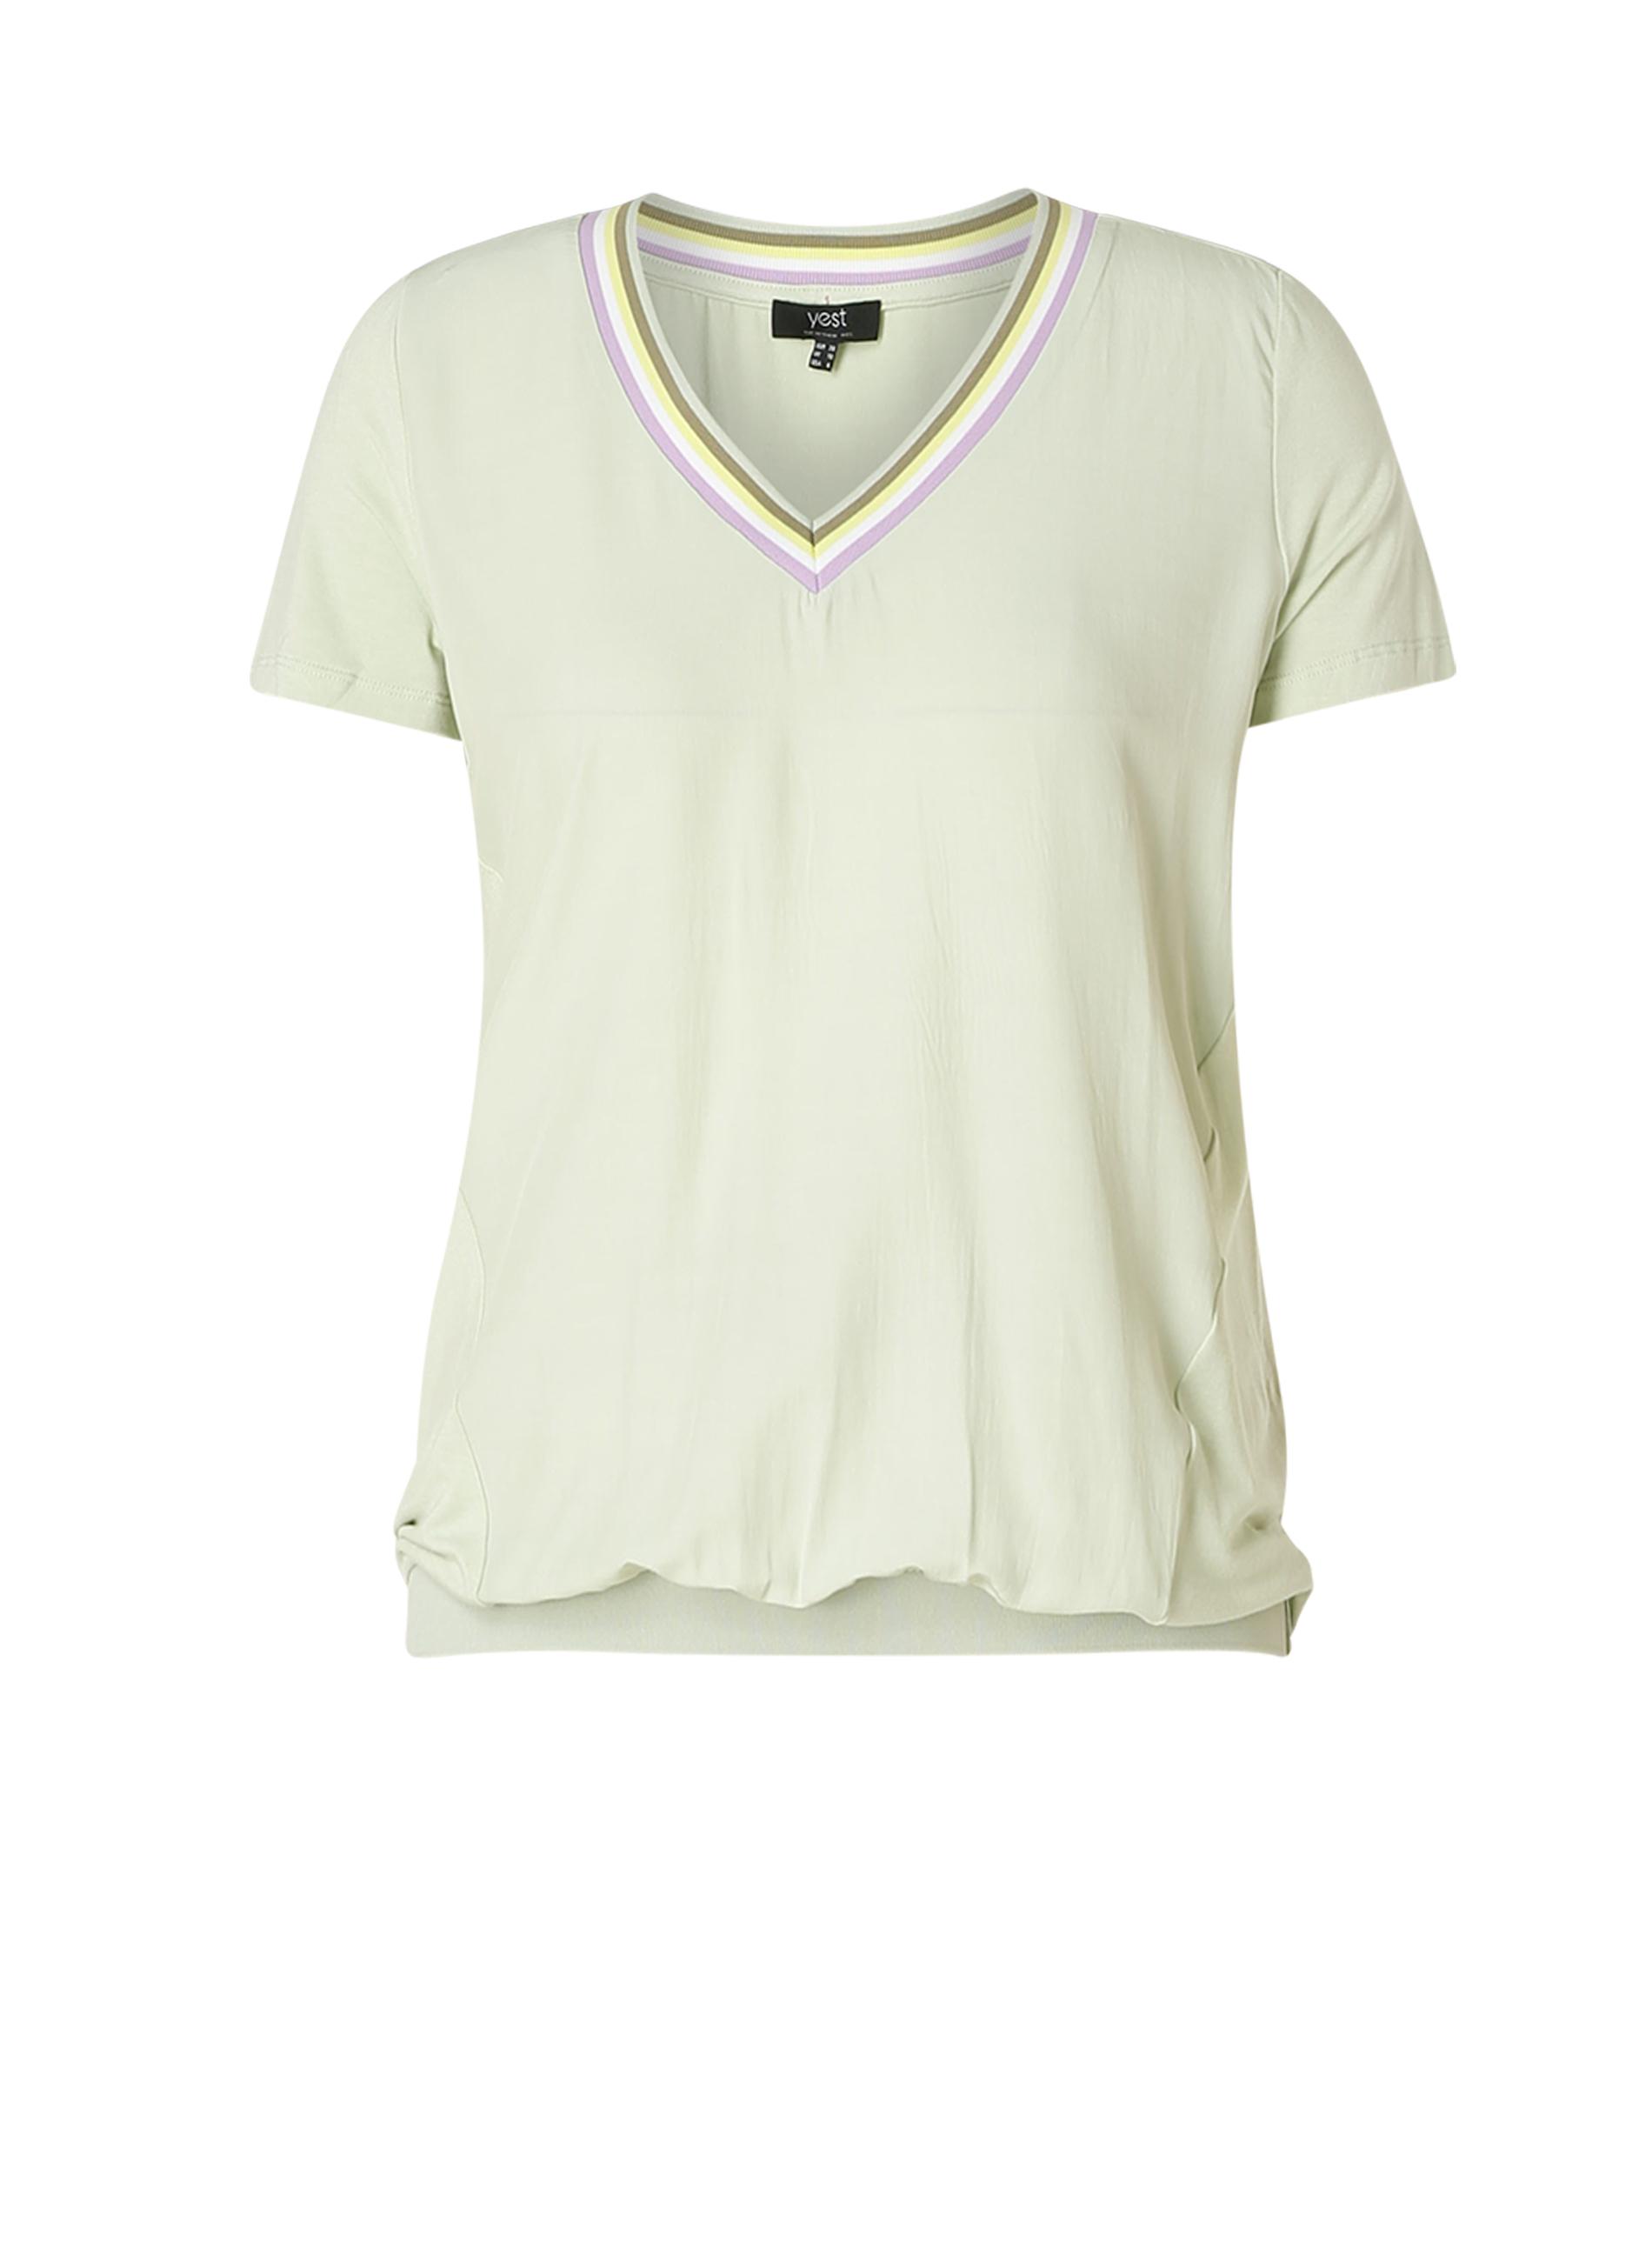 Yest shirt Irem 64 cm